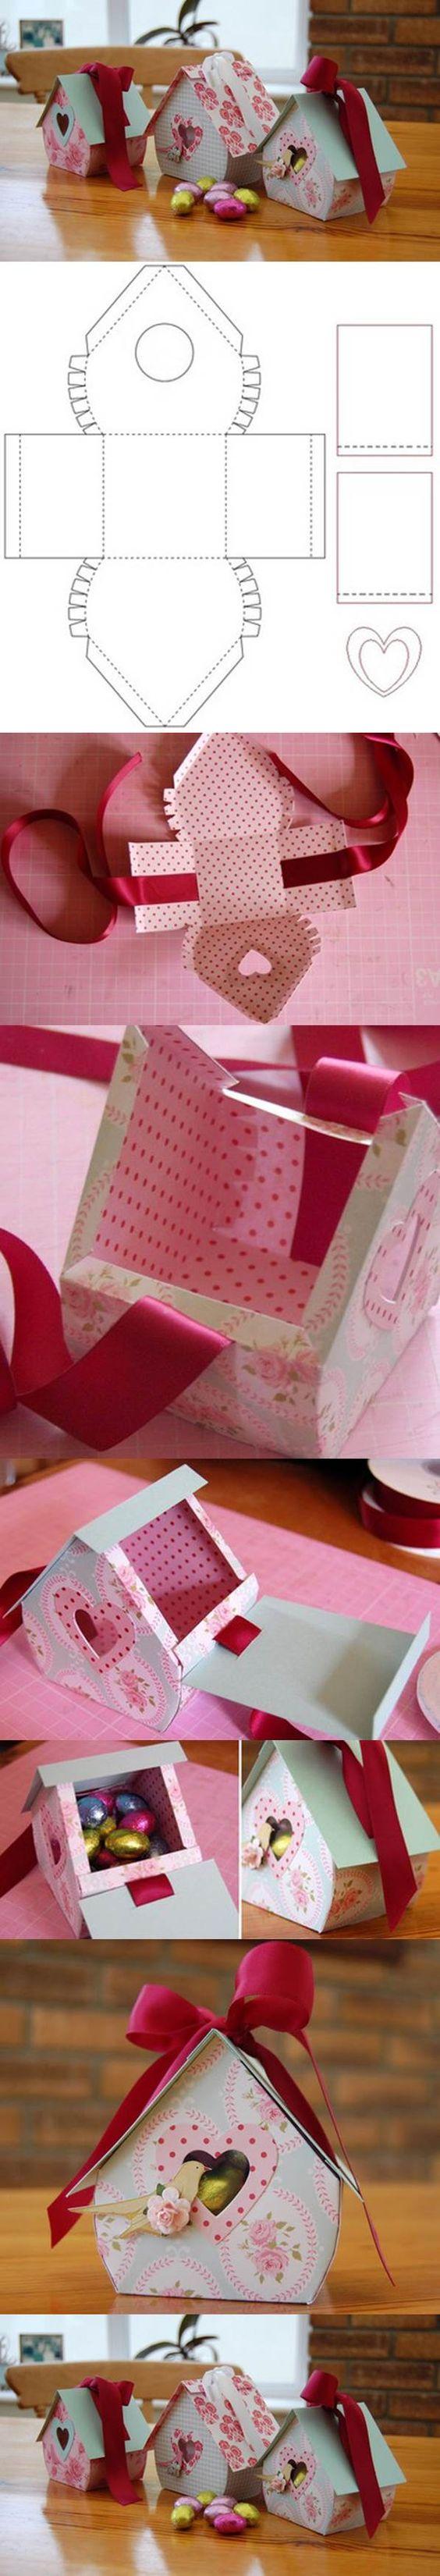 Cómo hacer casitas de cartón para dulces o chocolates: